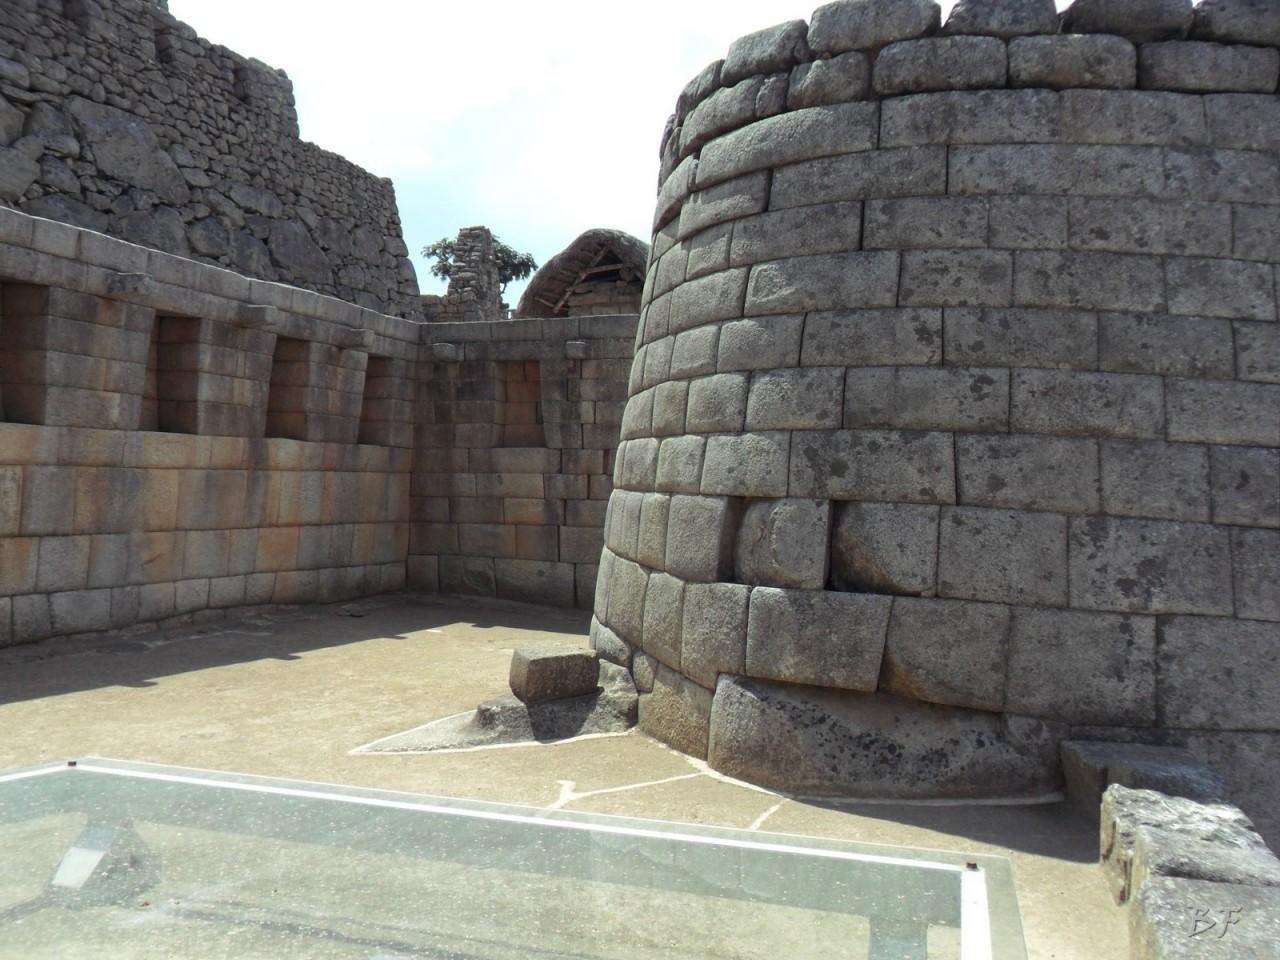 Mura-Poligonali-Incisioni-Altari-Edifici-Rupestri-Megaliti-Machu-Picchu-Aguas-Calientes-Urubamba-Cusco-Perù-167